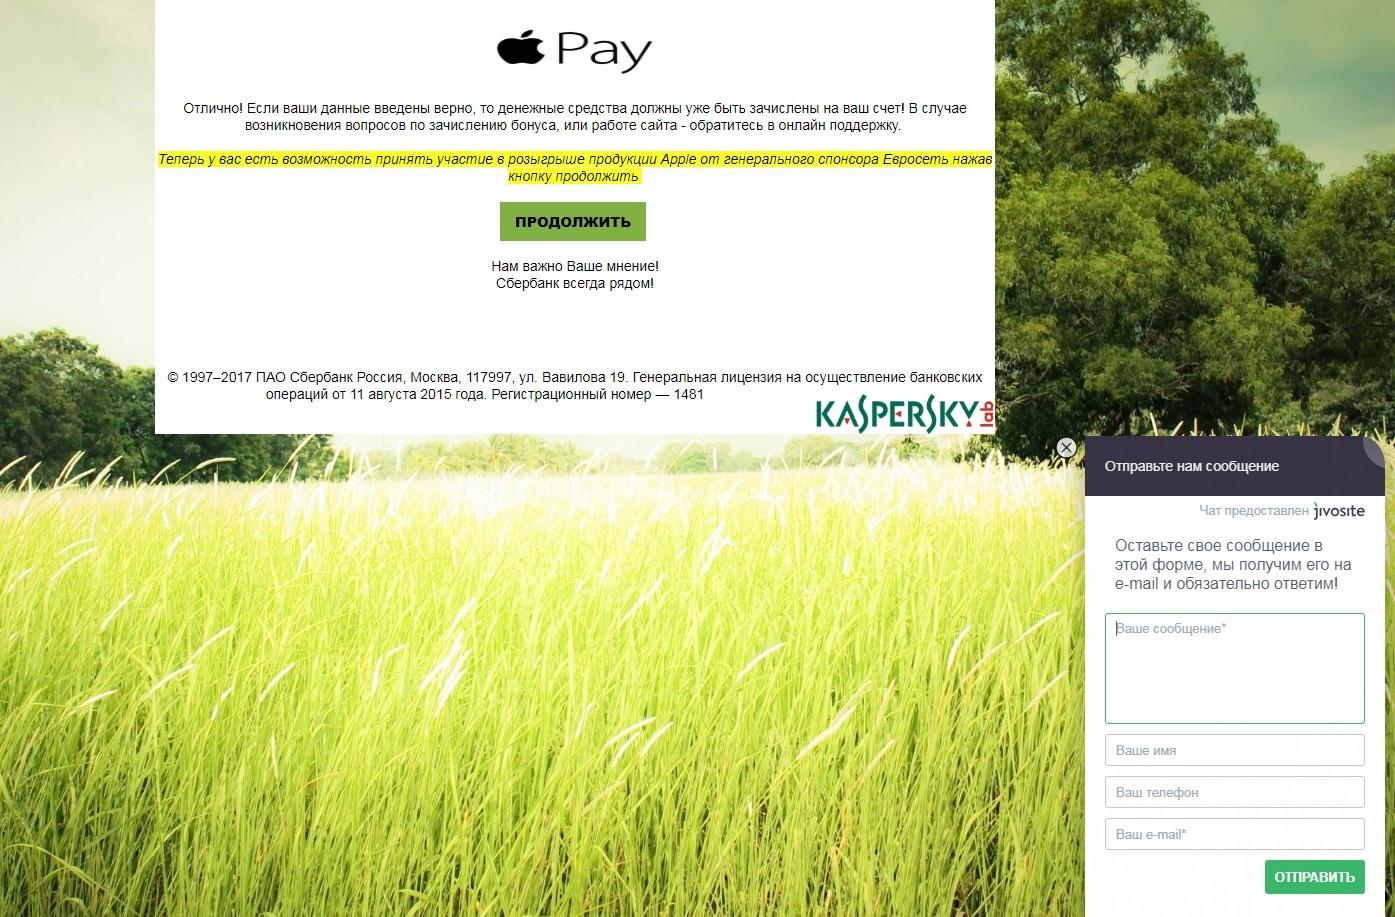 пао сбербанк официальный сайт телефон кредит наличными на автомобиль с пробегом в новосибирске